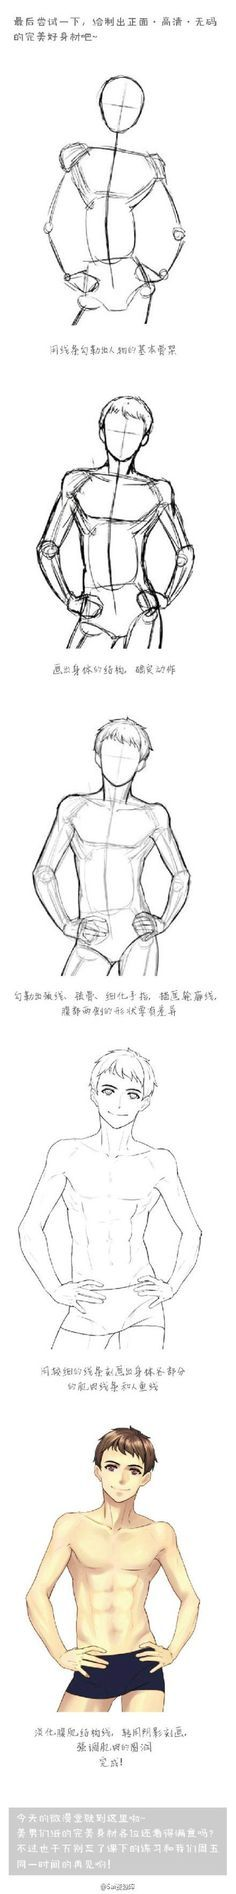 Proporcionalidad y Anatomía del torso masculino.